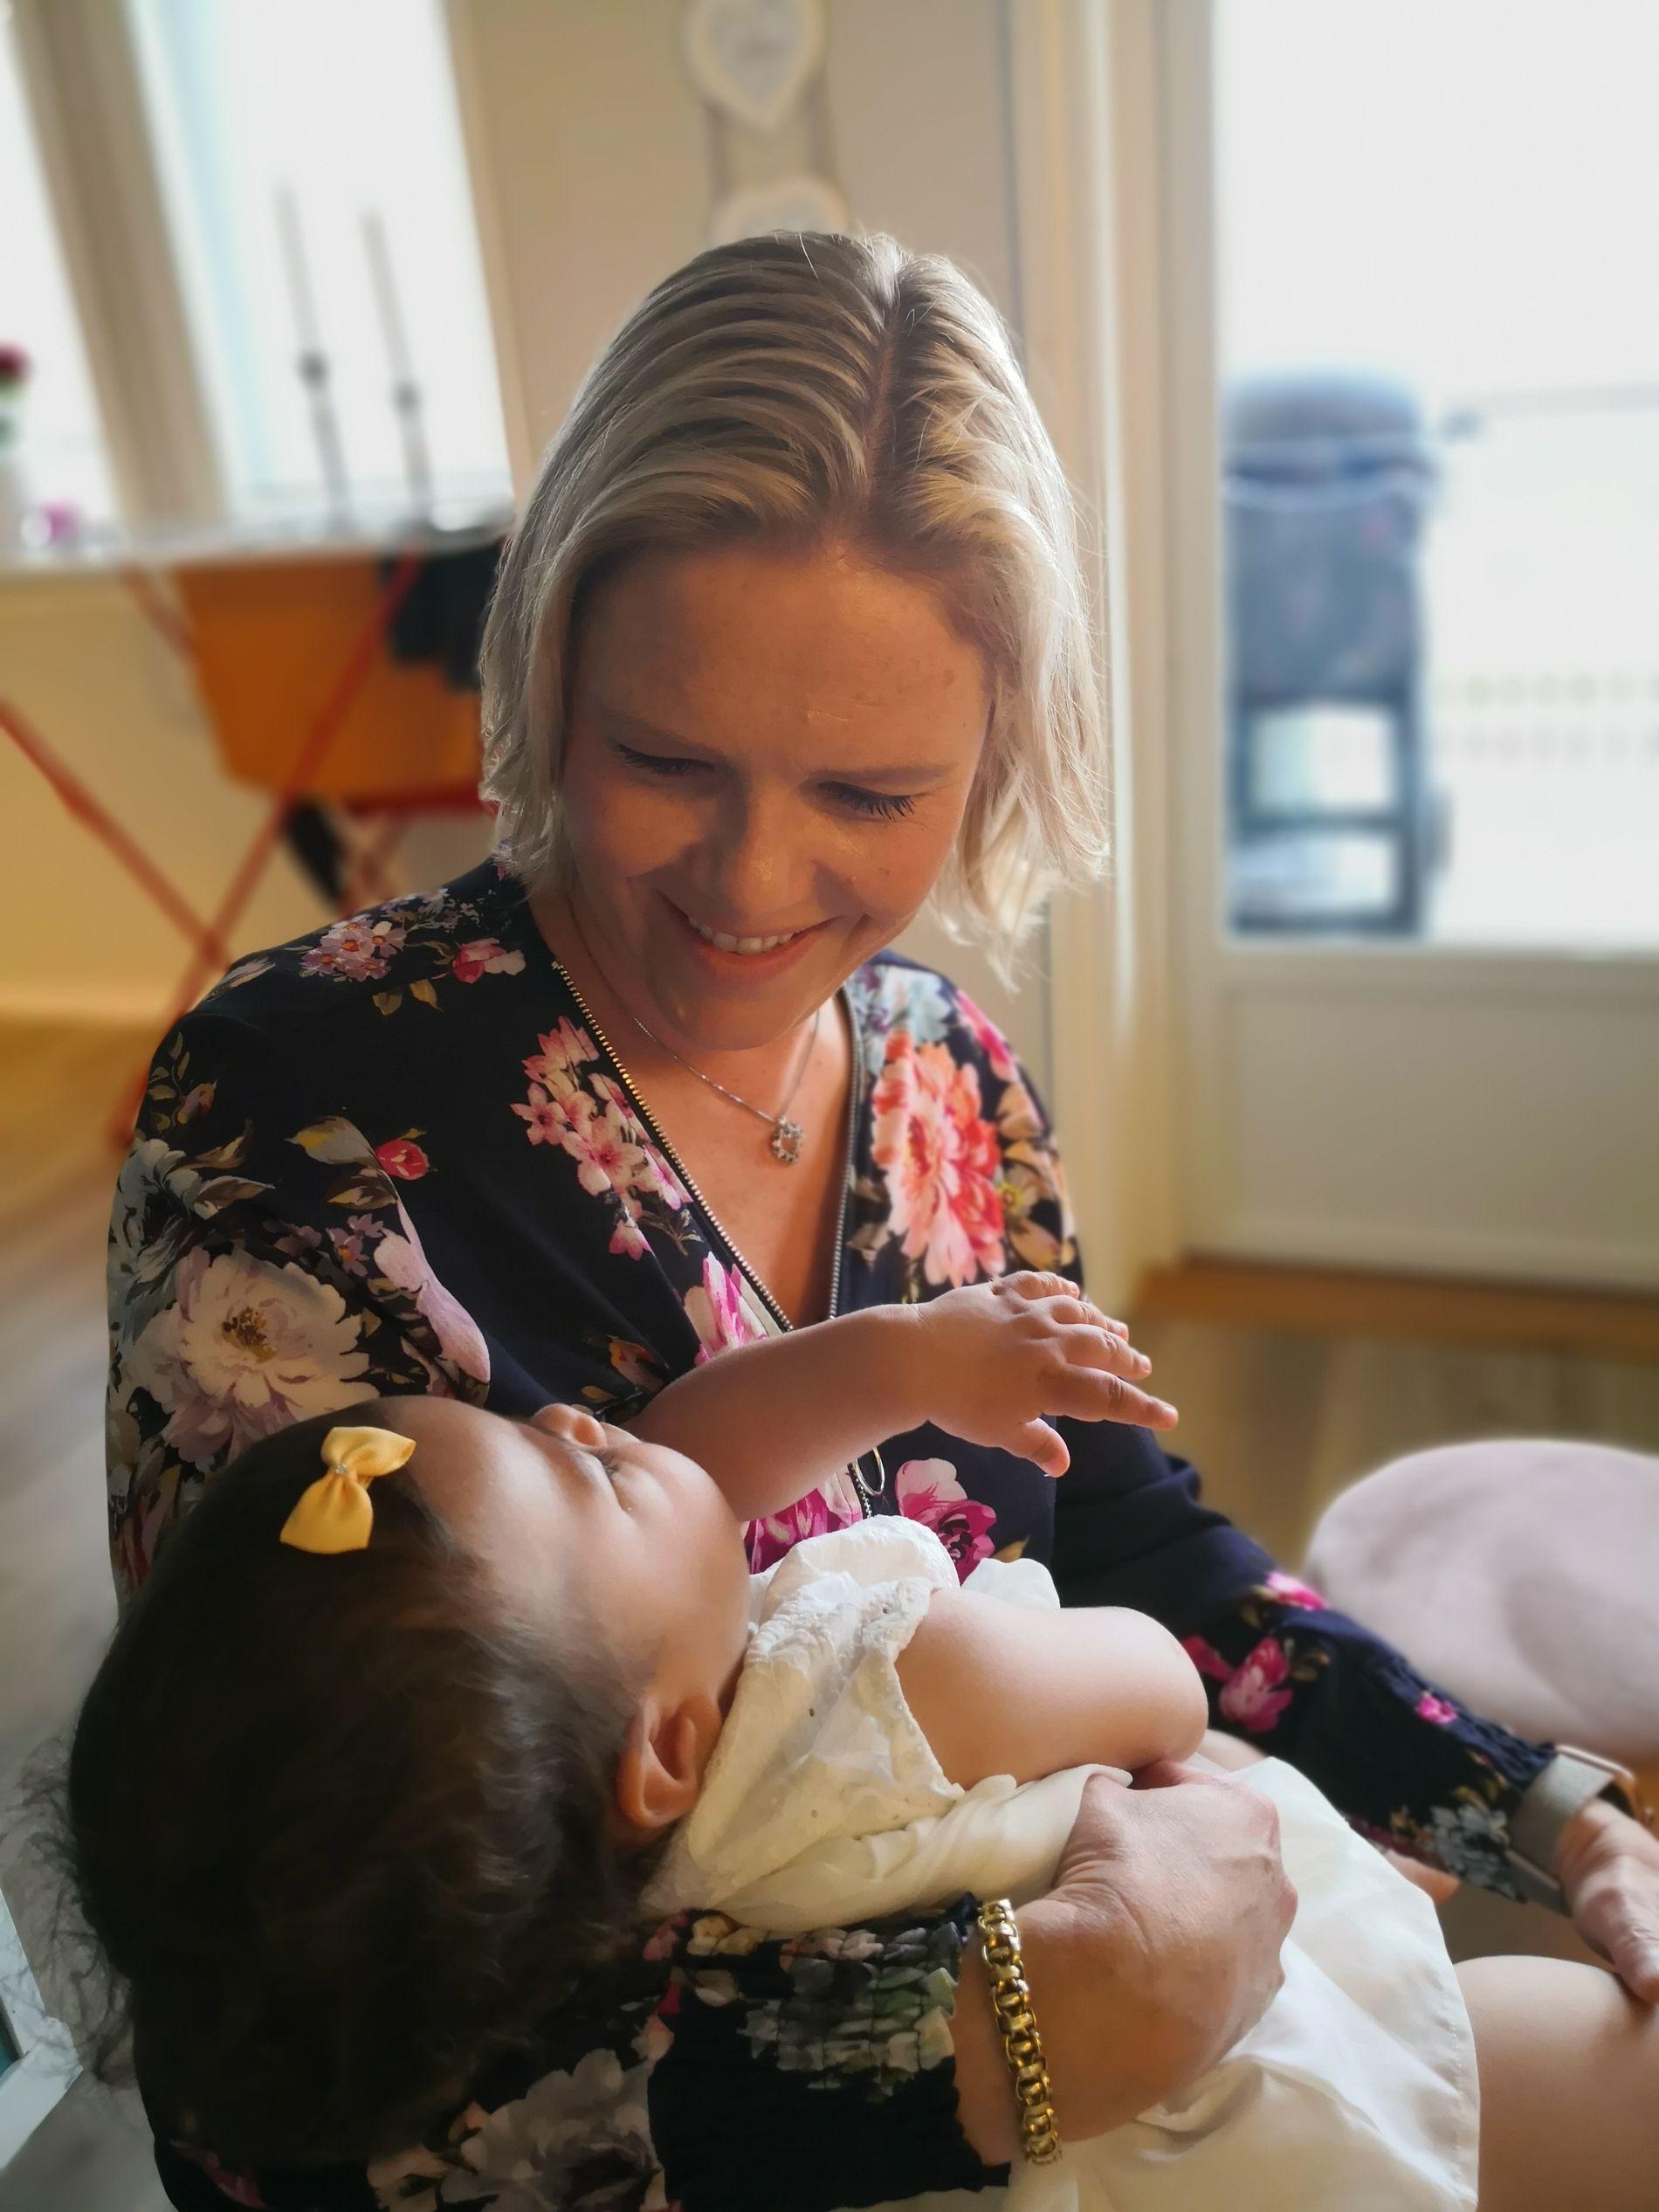 OPPRØRT: – Familien har ikke tid til å vente på kommunen, sier Frp-statsråd Sylvi Listhaug.